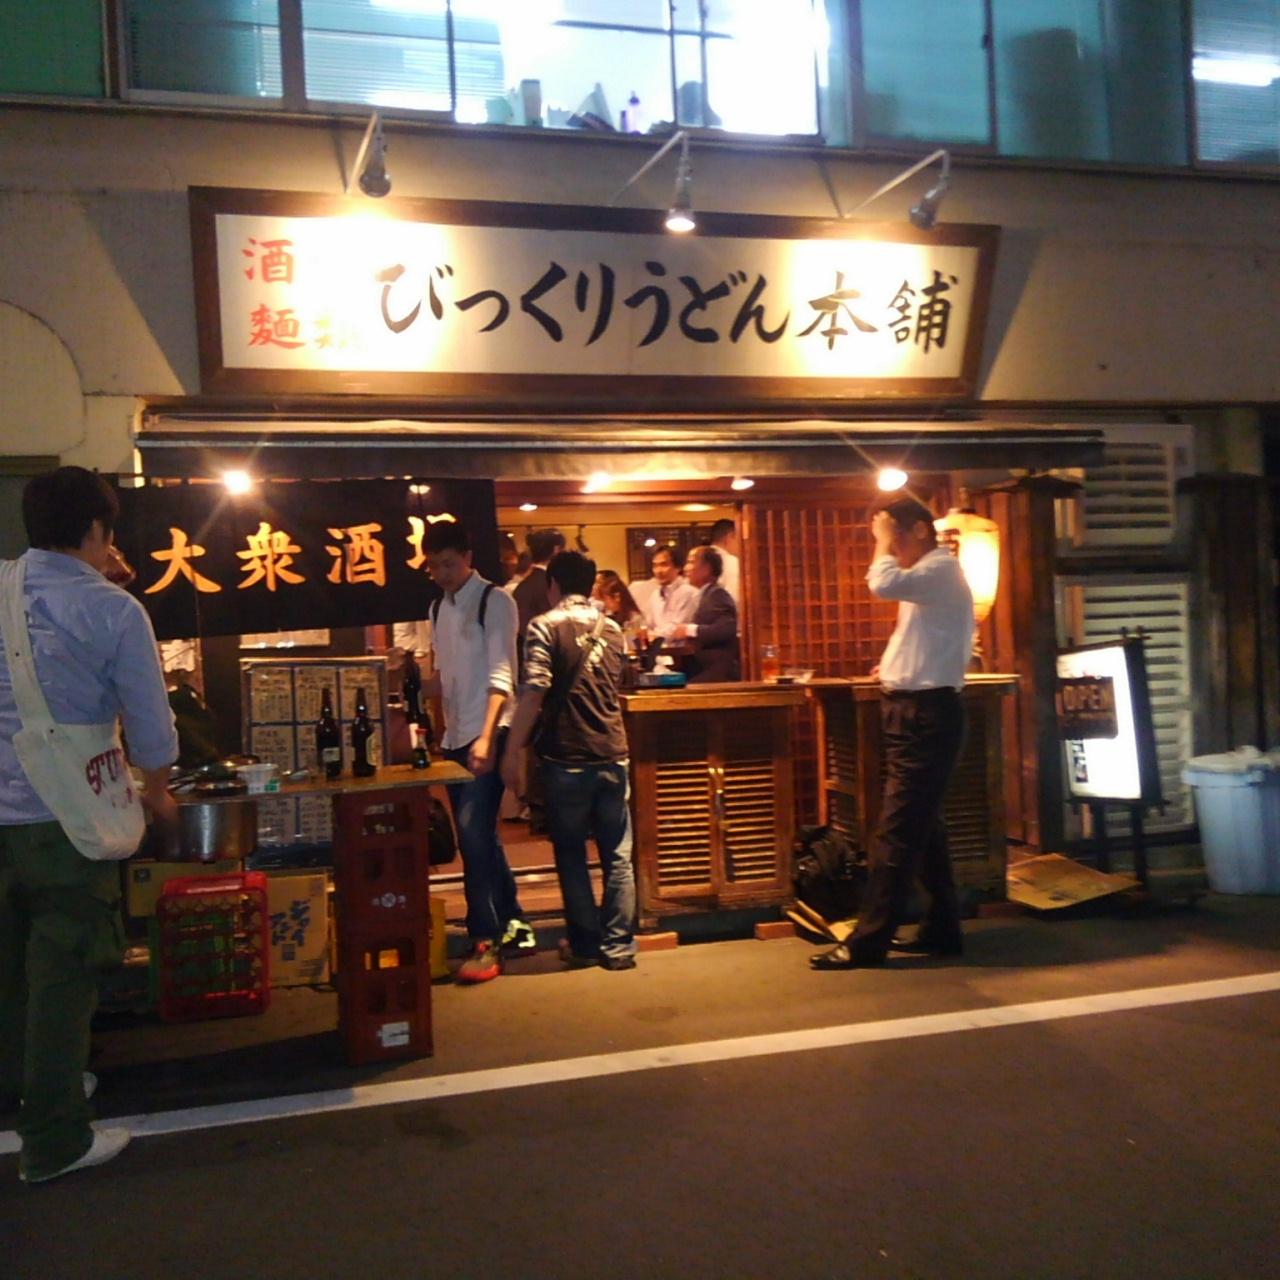 びっくりうどん(八丁堀) 美味いもつ煮と高いコスパは大事!